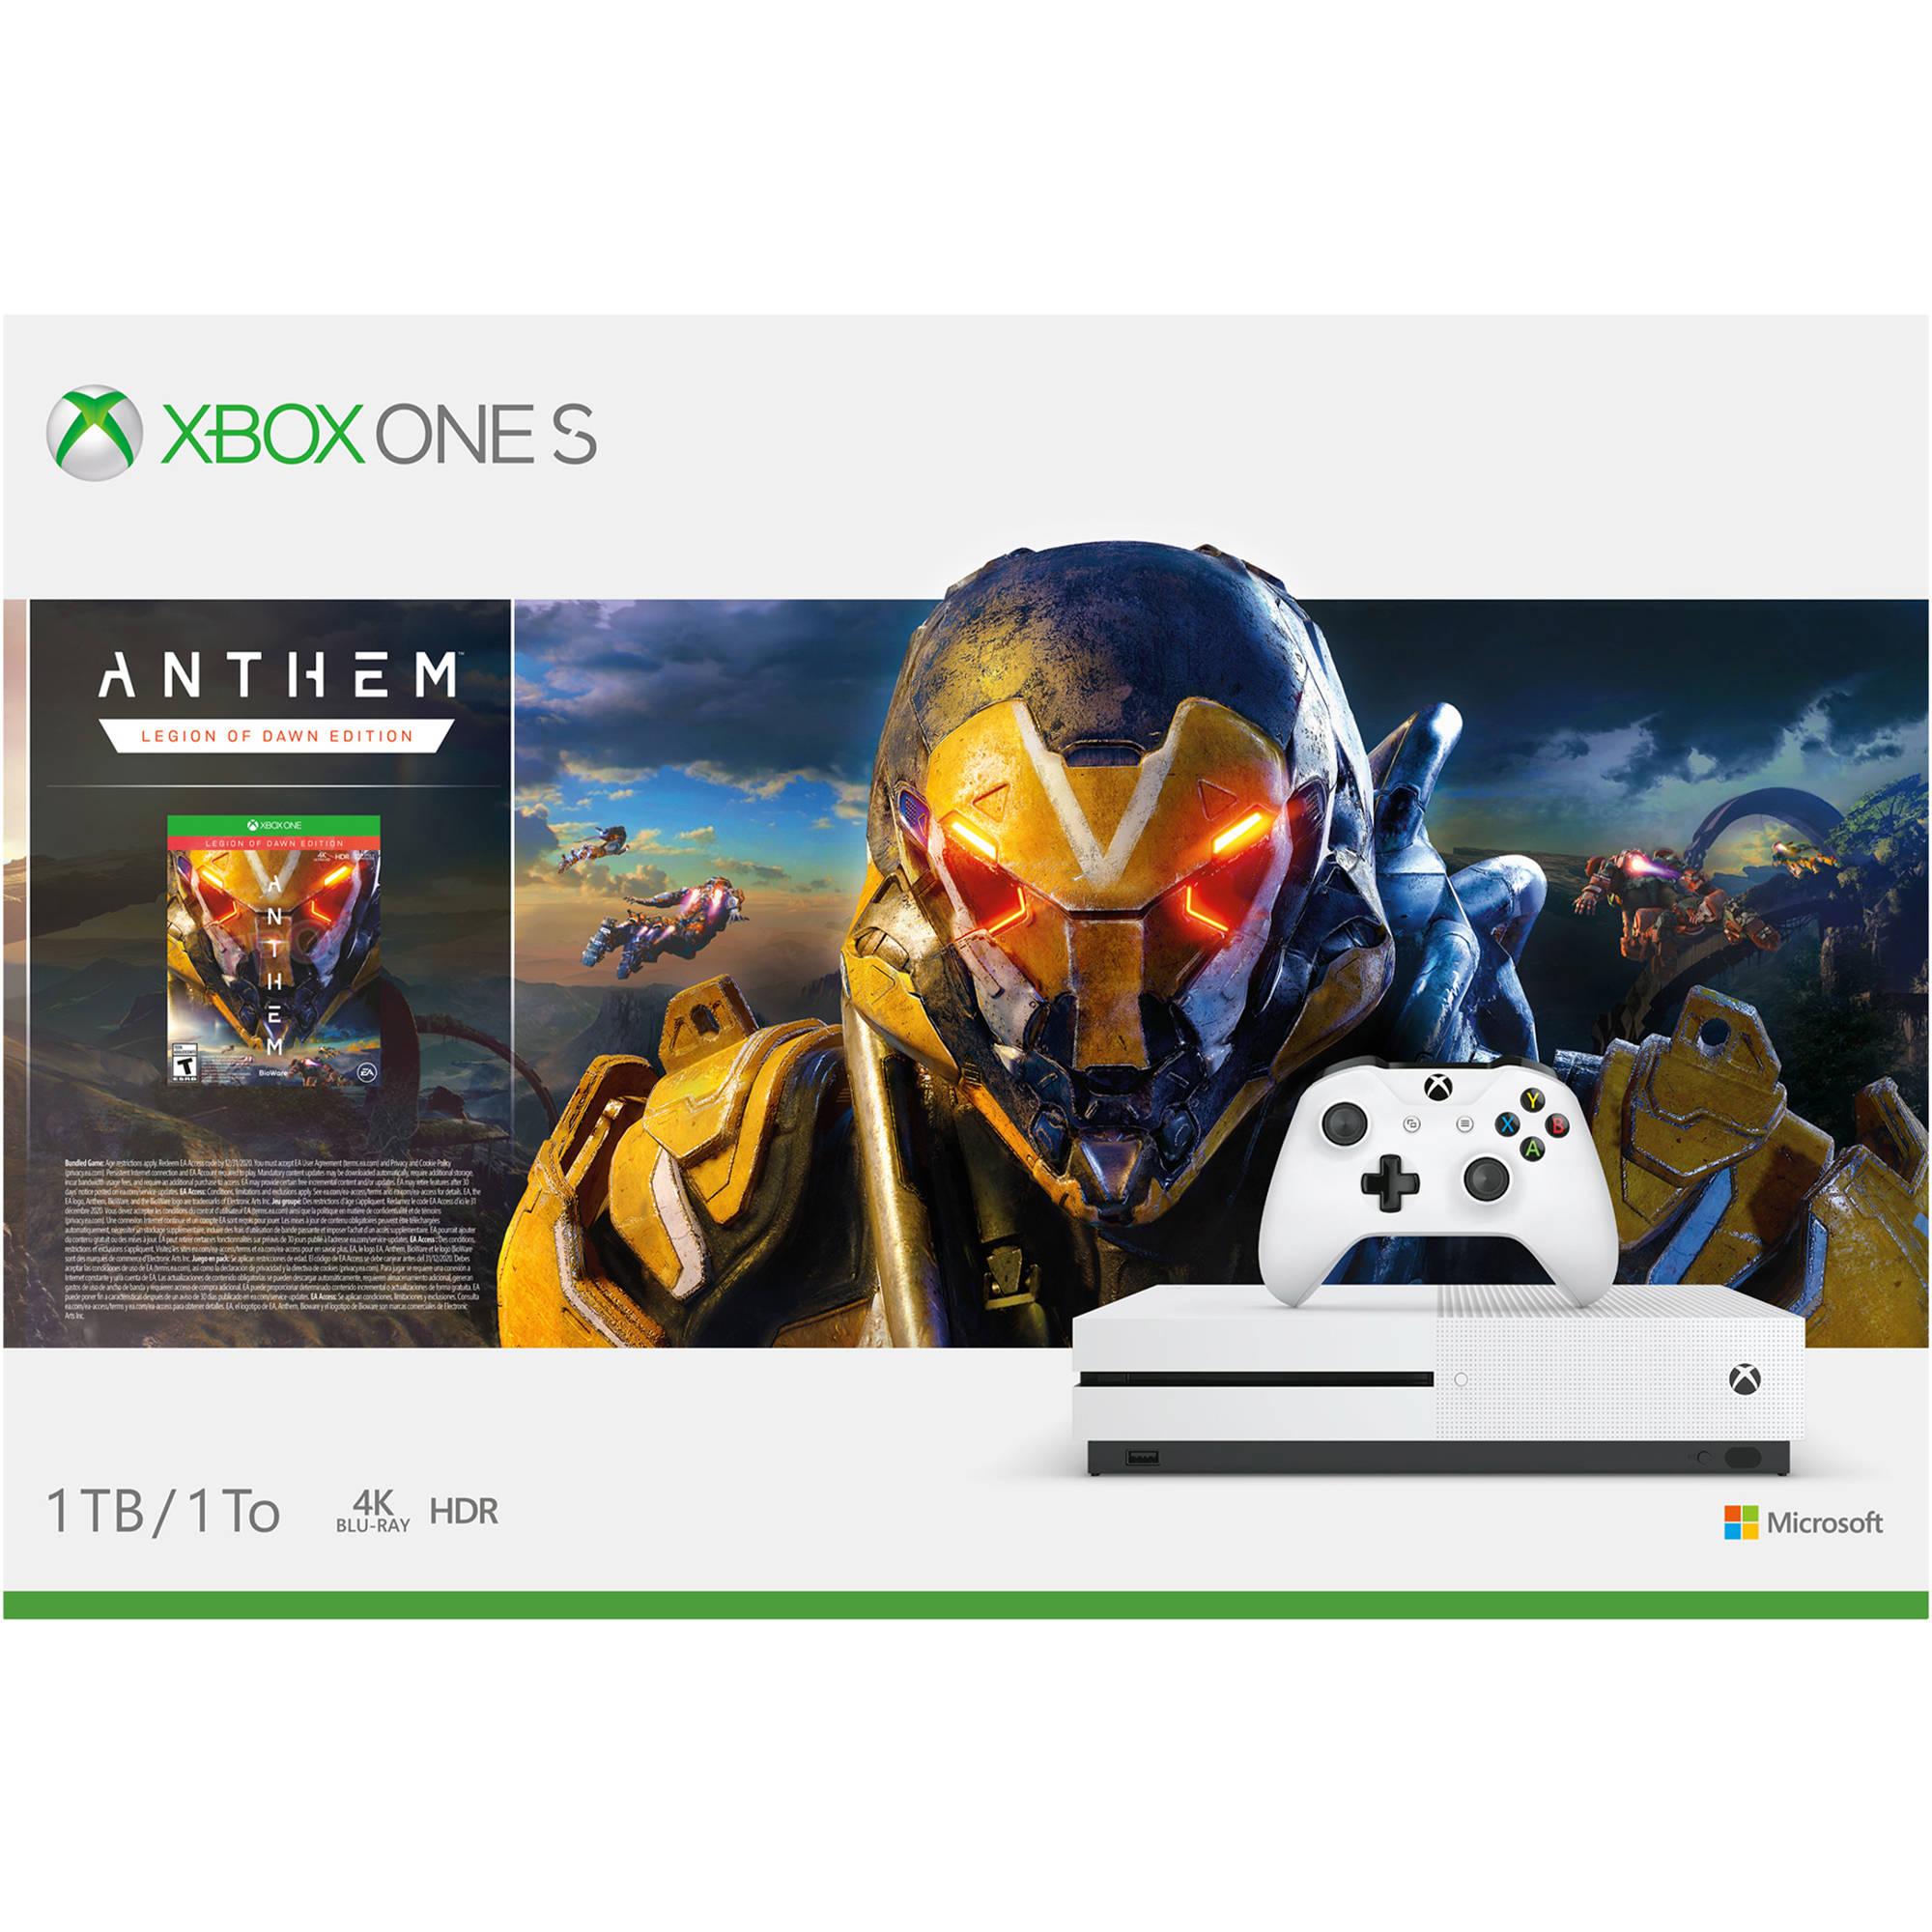 Microsoft Xbox One S Anthem Bundle